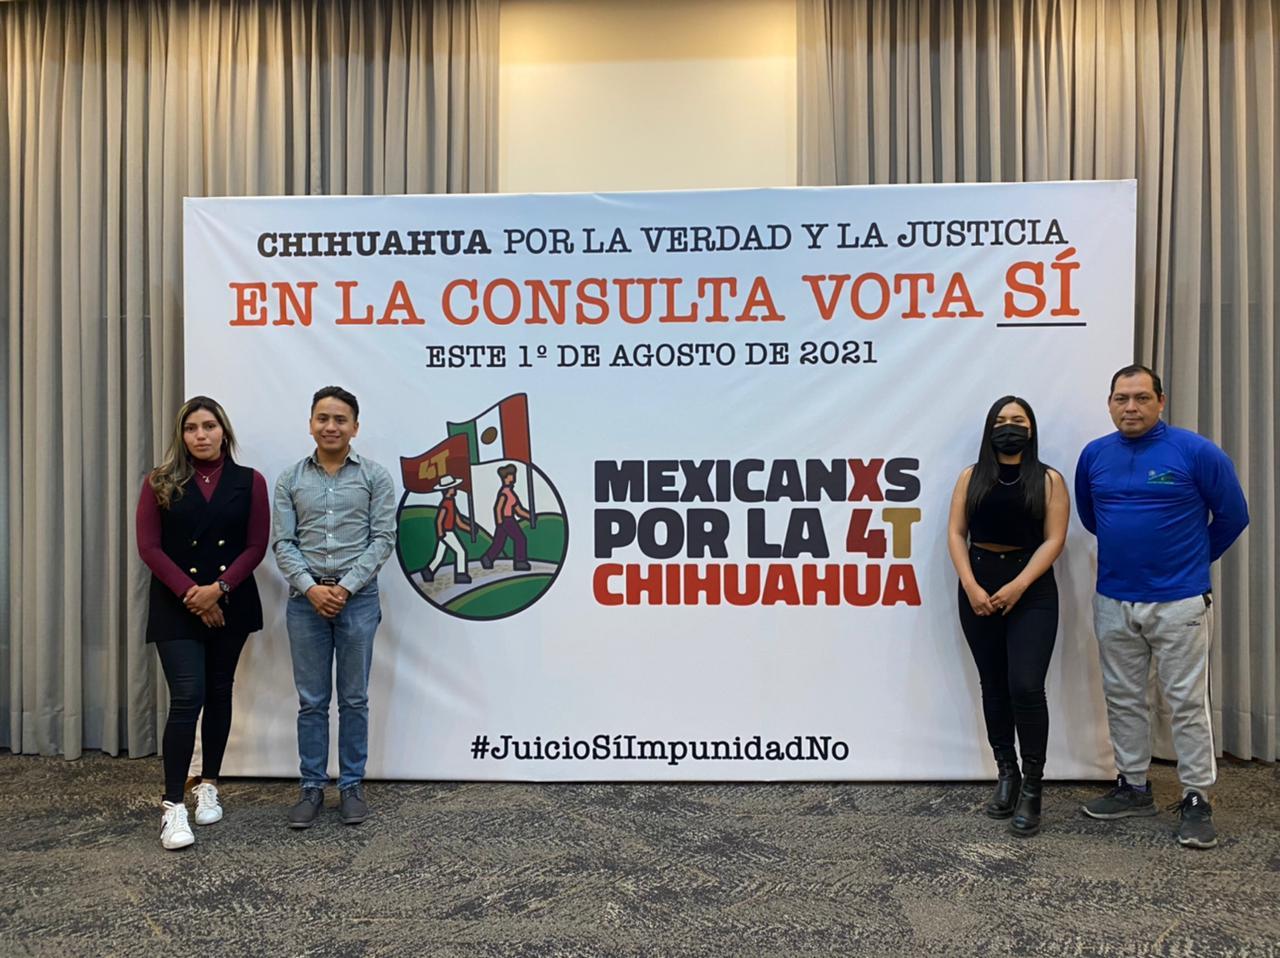 Campaña #JuicioSíImpunidadNo inicia en el todo el país